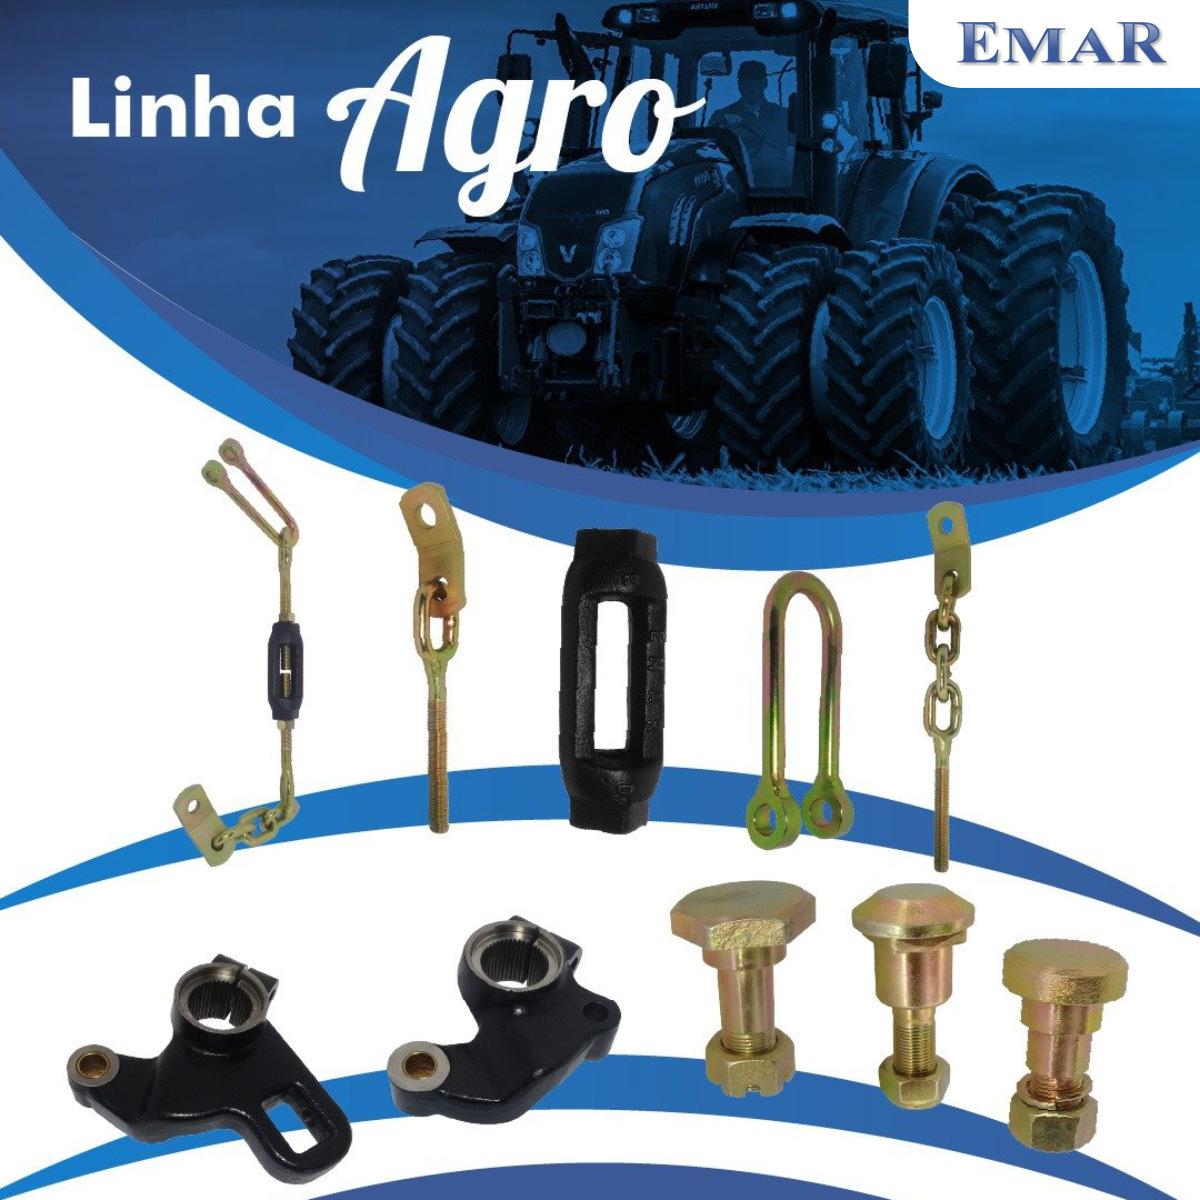 Pino Fixador - Linha Agrícola